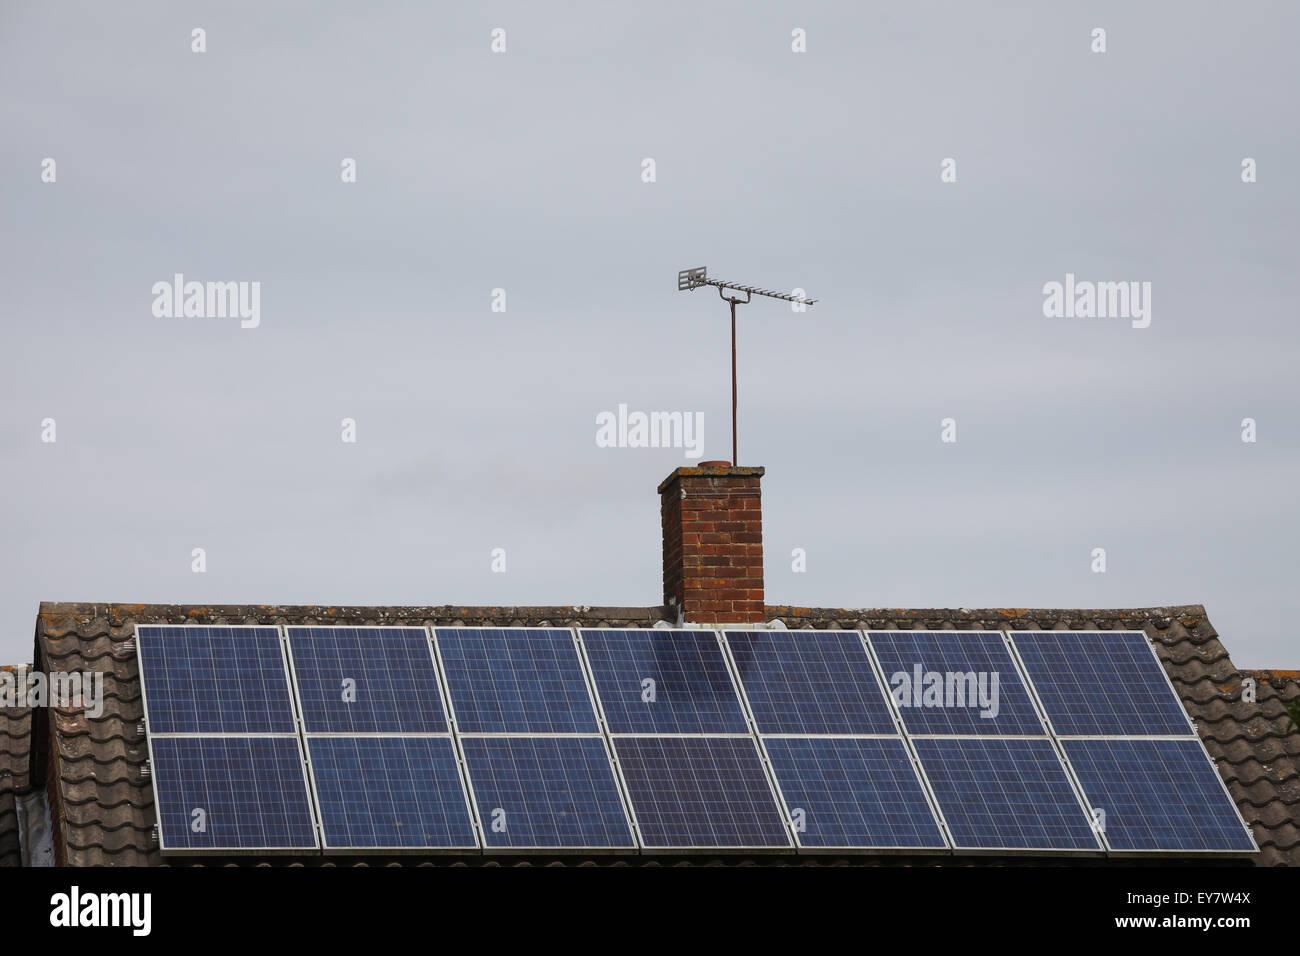 Paneles solares en el tejado de una casa en un día nublado gris no genera mucha energía Imagen De Stock